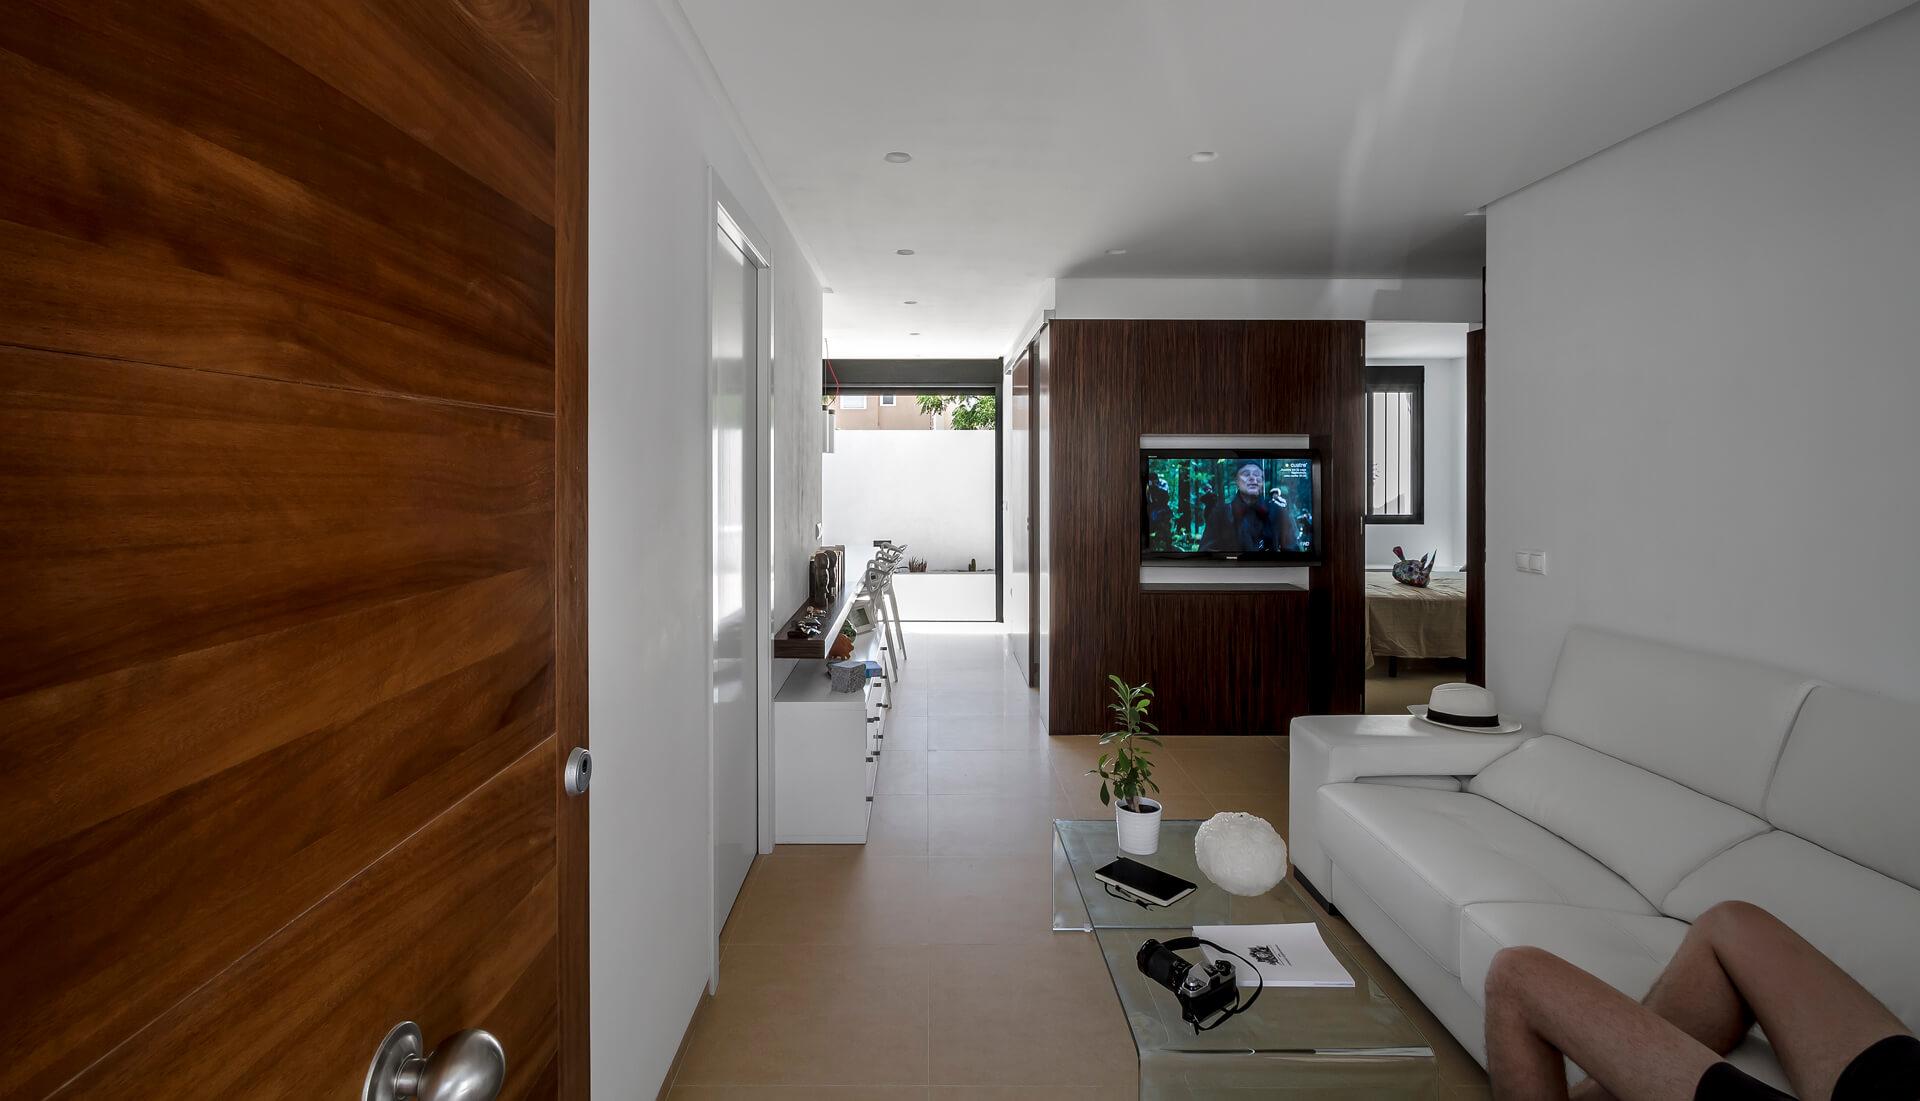 Casita En La Playa Selecta Home Valencia Arquitectos Denia Casa